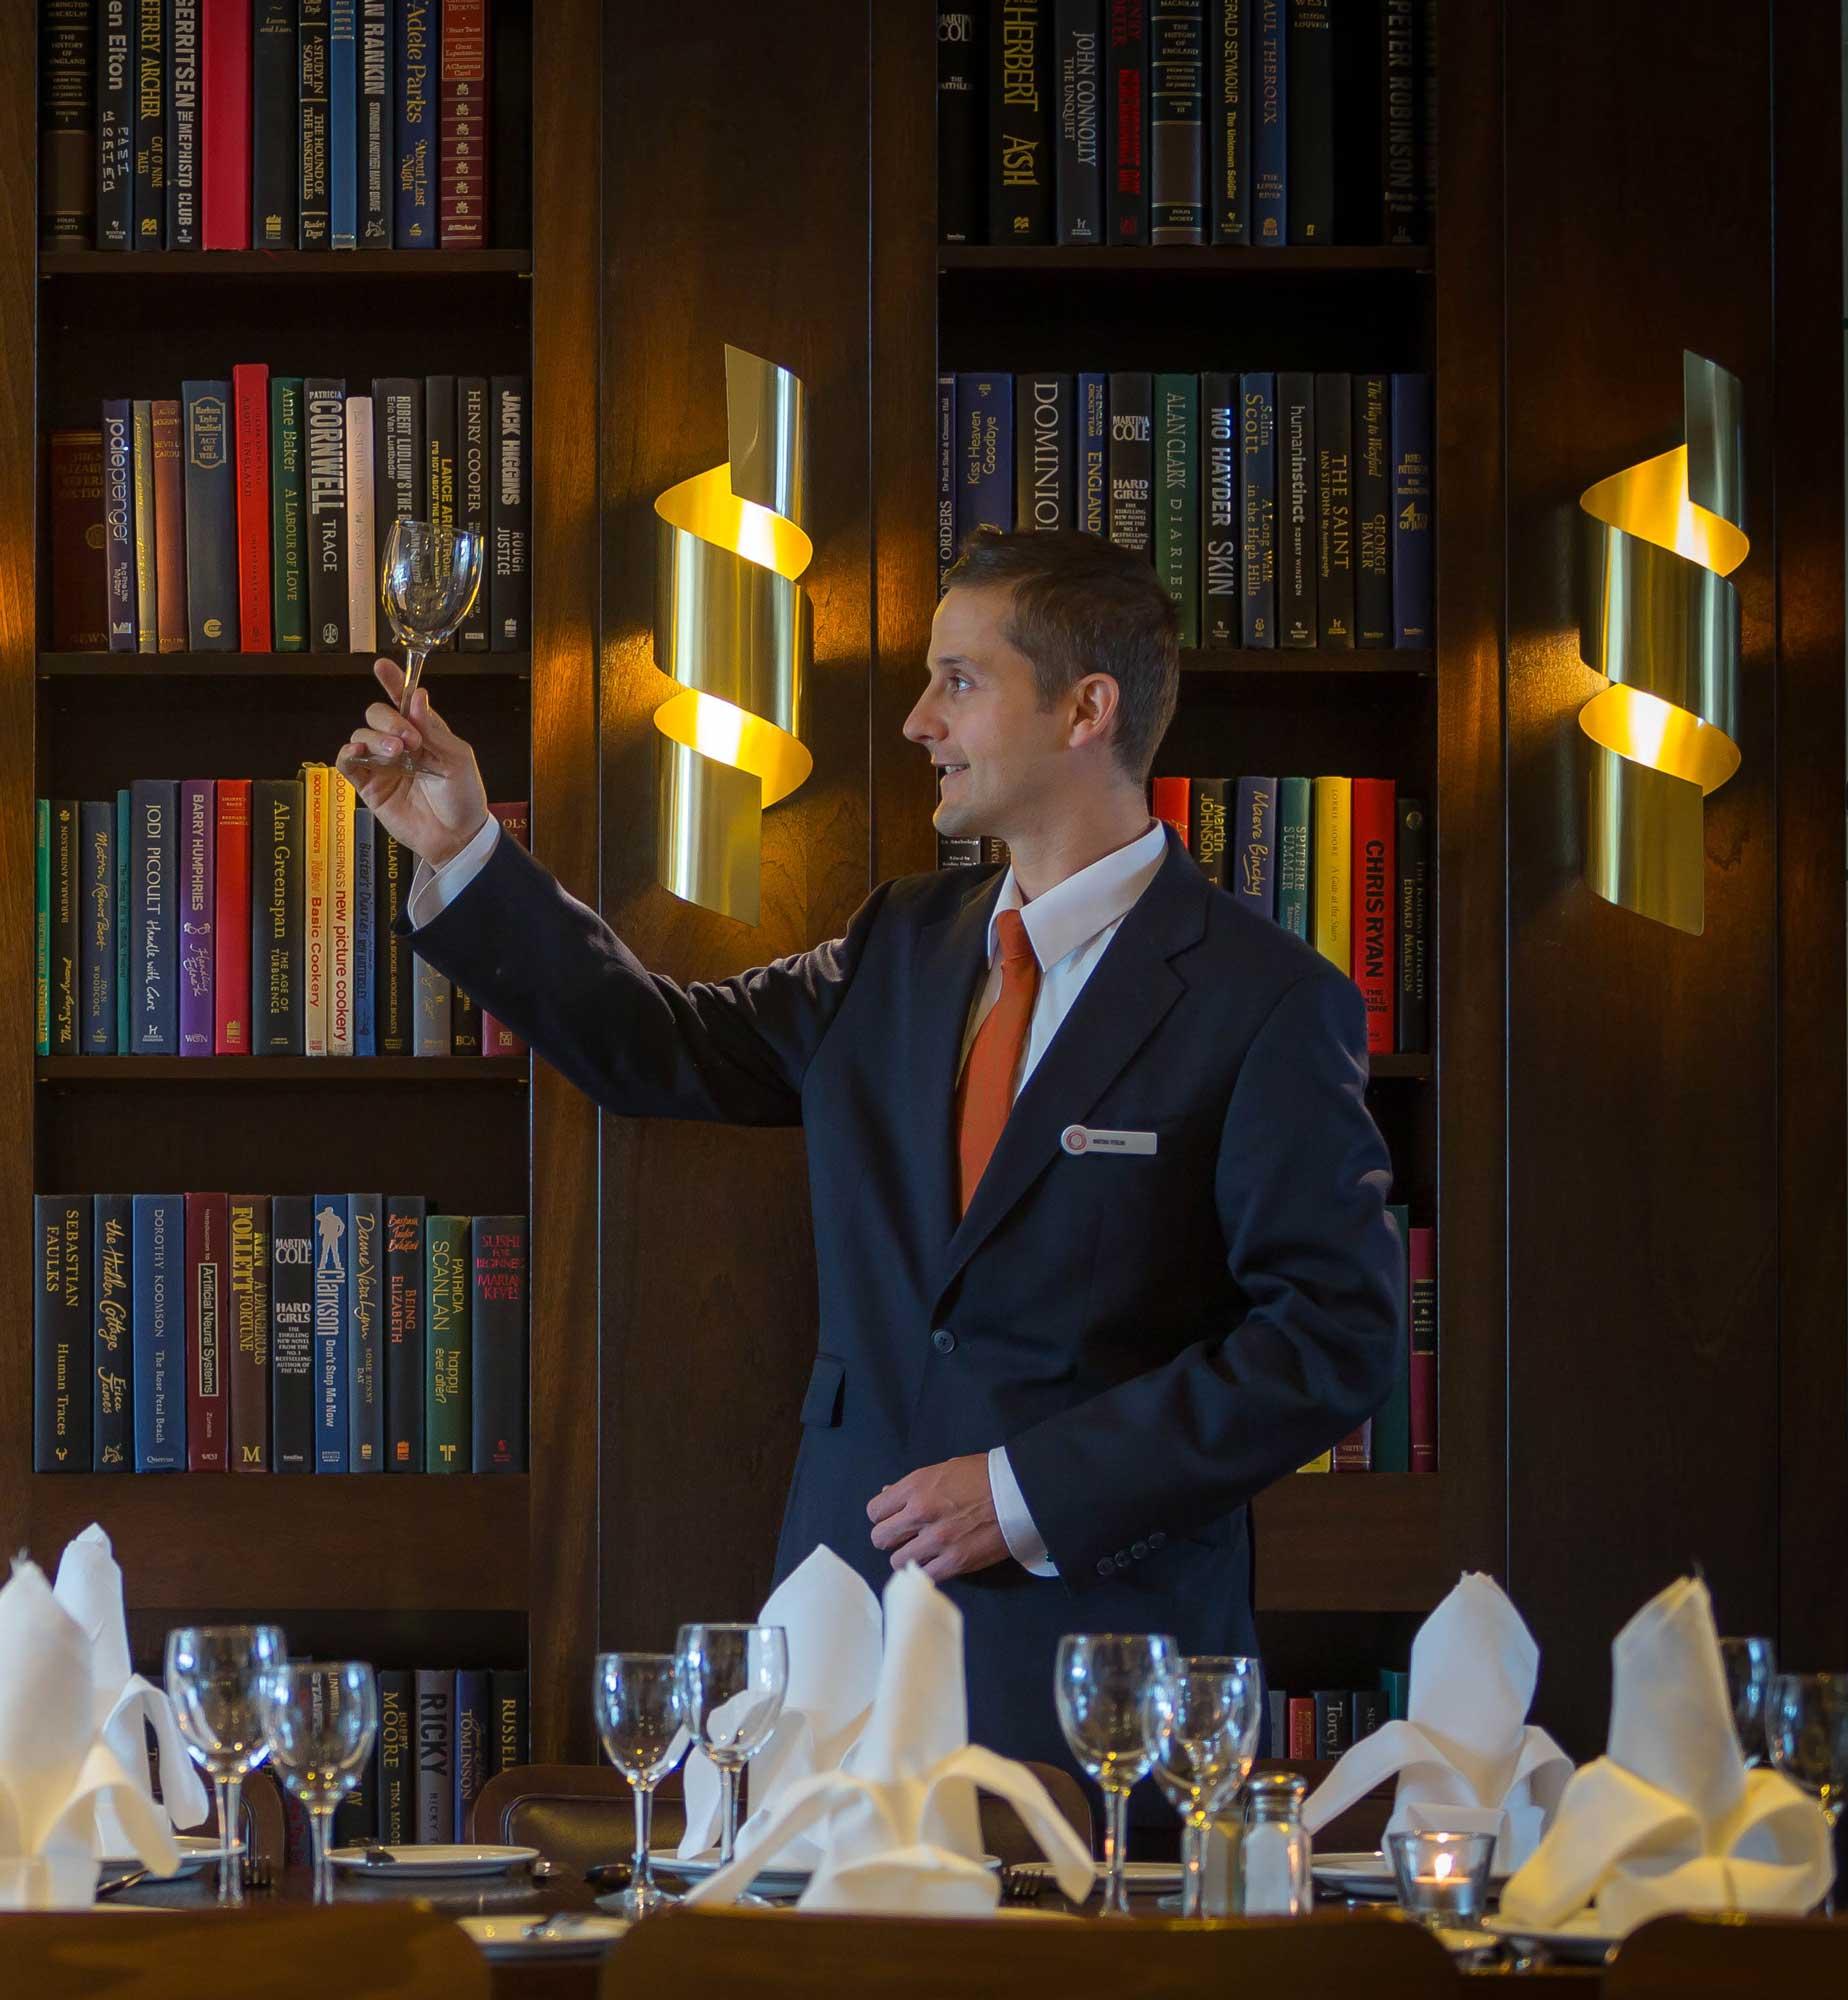 waiter-setting-Brasserie-restaurant-dinner-Clayton-Hotel-Dublin-Airport